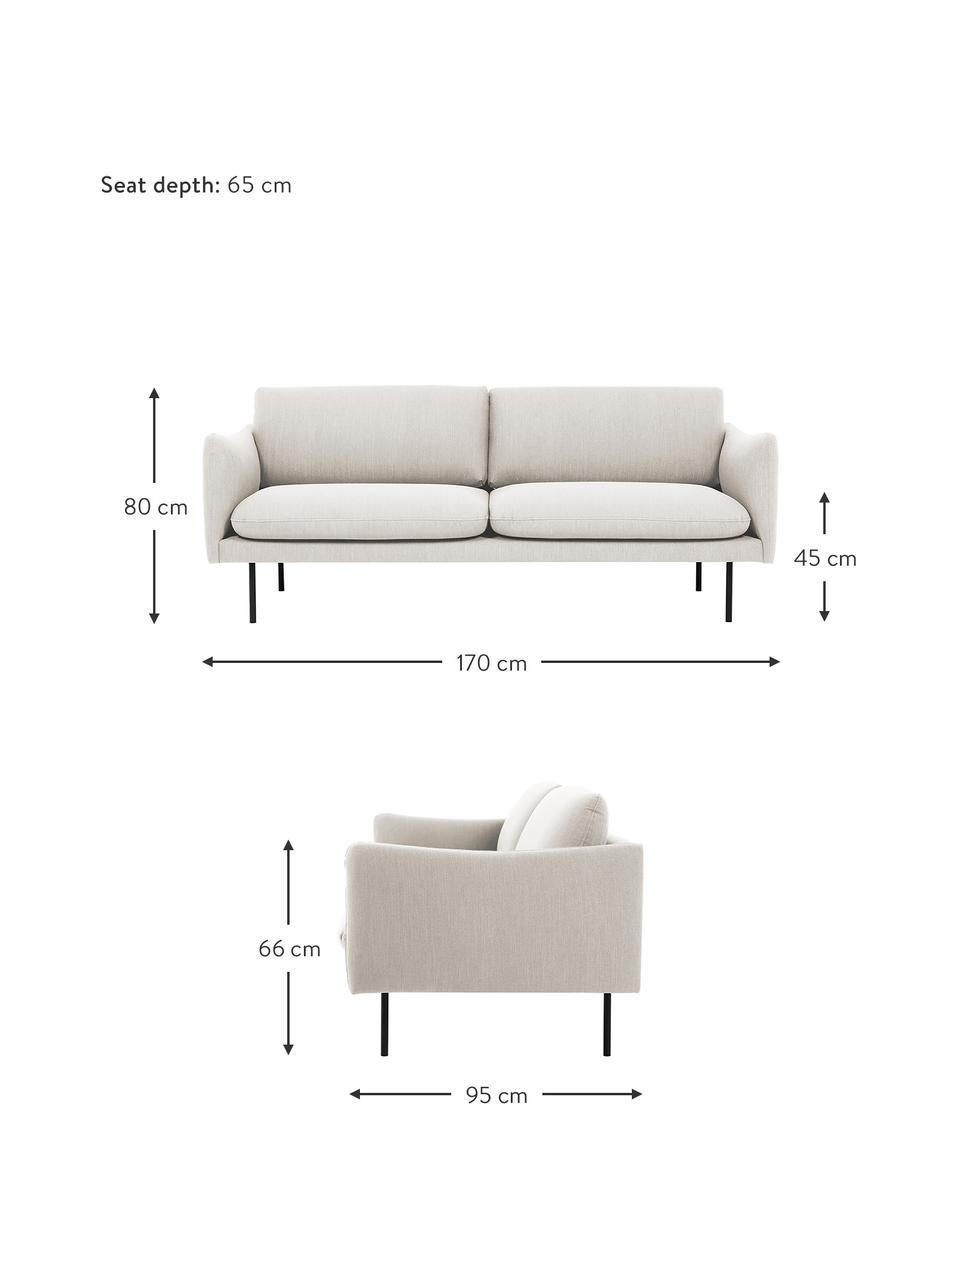 Sofa z metalowymi nogami Moby (2-osobowa), Tapicerka: poliester Dzięki tkaninie, Tapicerka: pianka na zawieszeniu spr, Nogi: metal malowany proszkowo, Beżowy, S 170 x G 95 cm